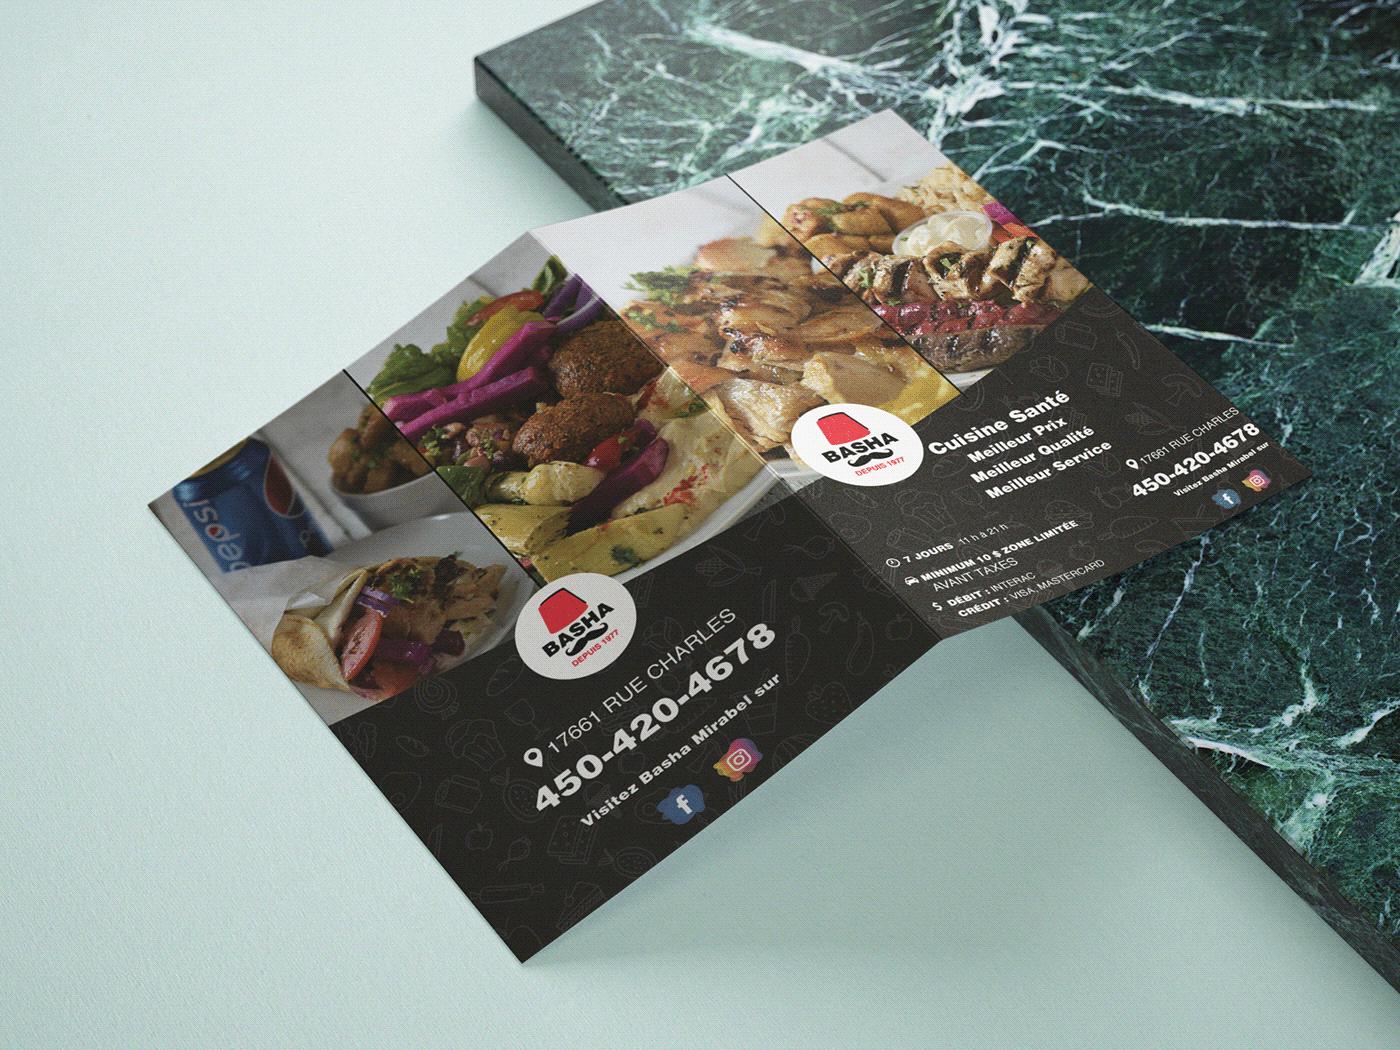 Image may contain: food, menu and book